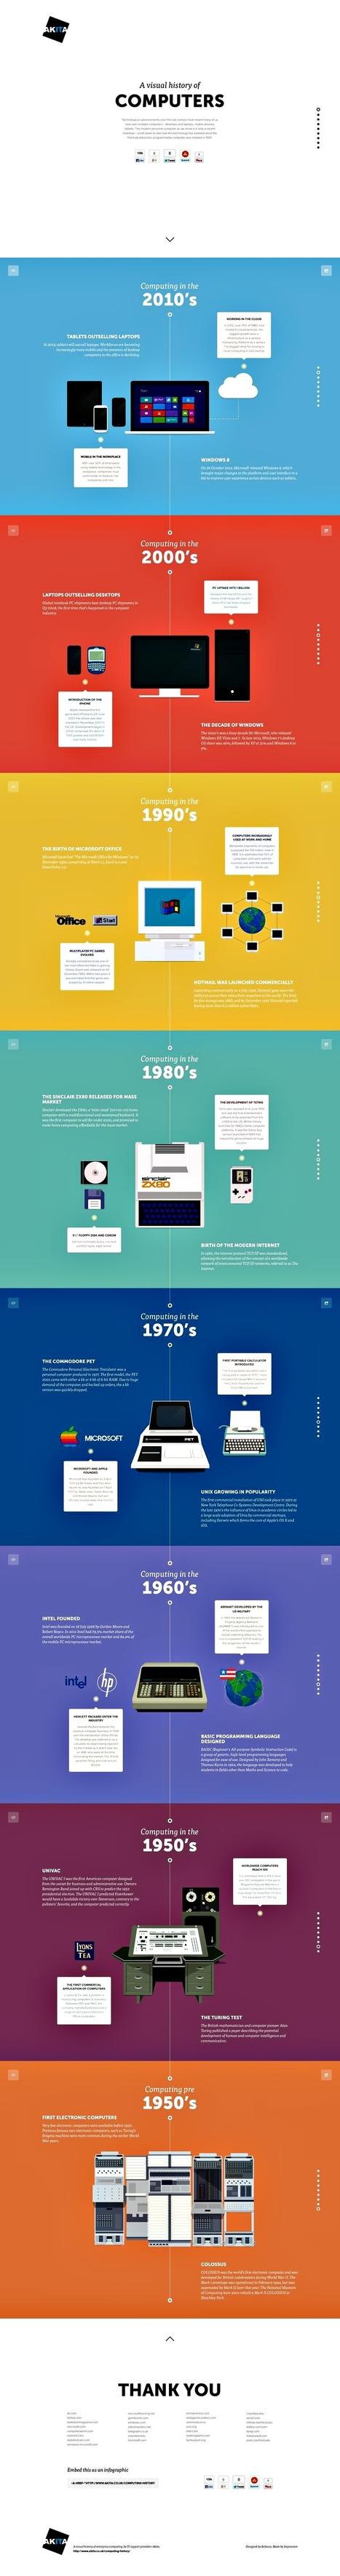 L'histoire des ordinateurs (infographie) | Tout le web | Scoop.it